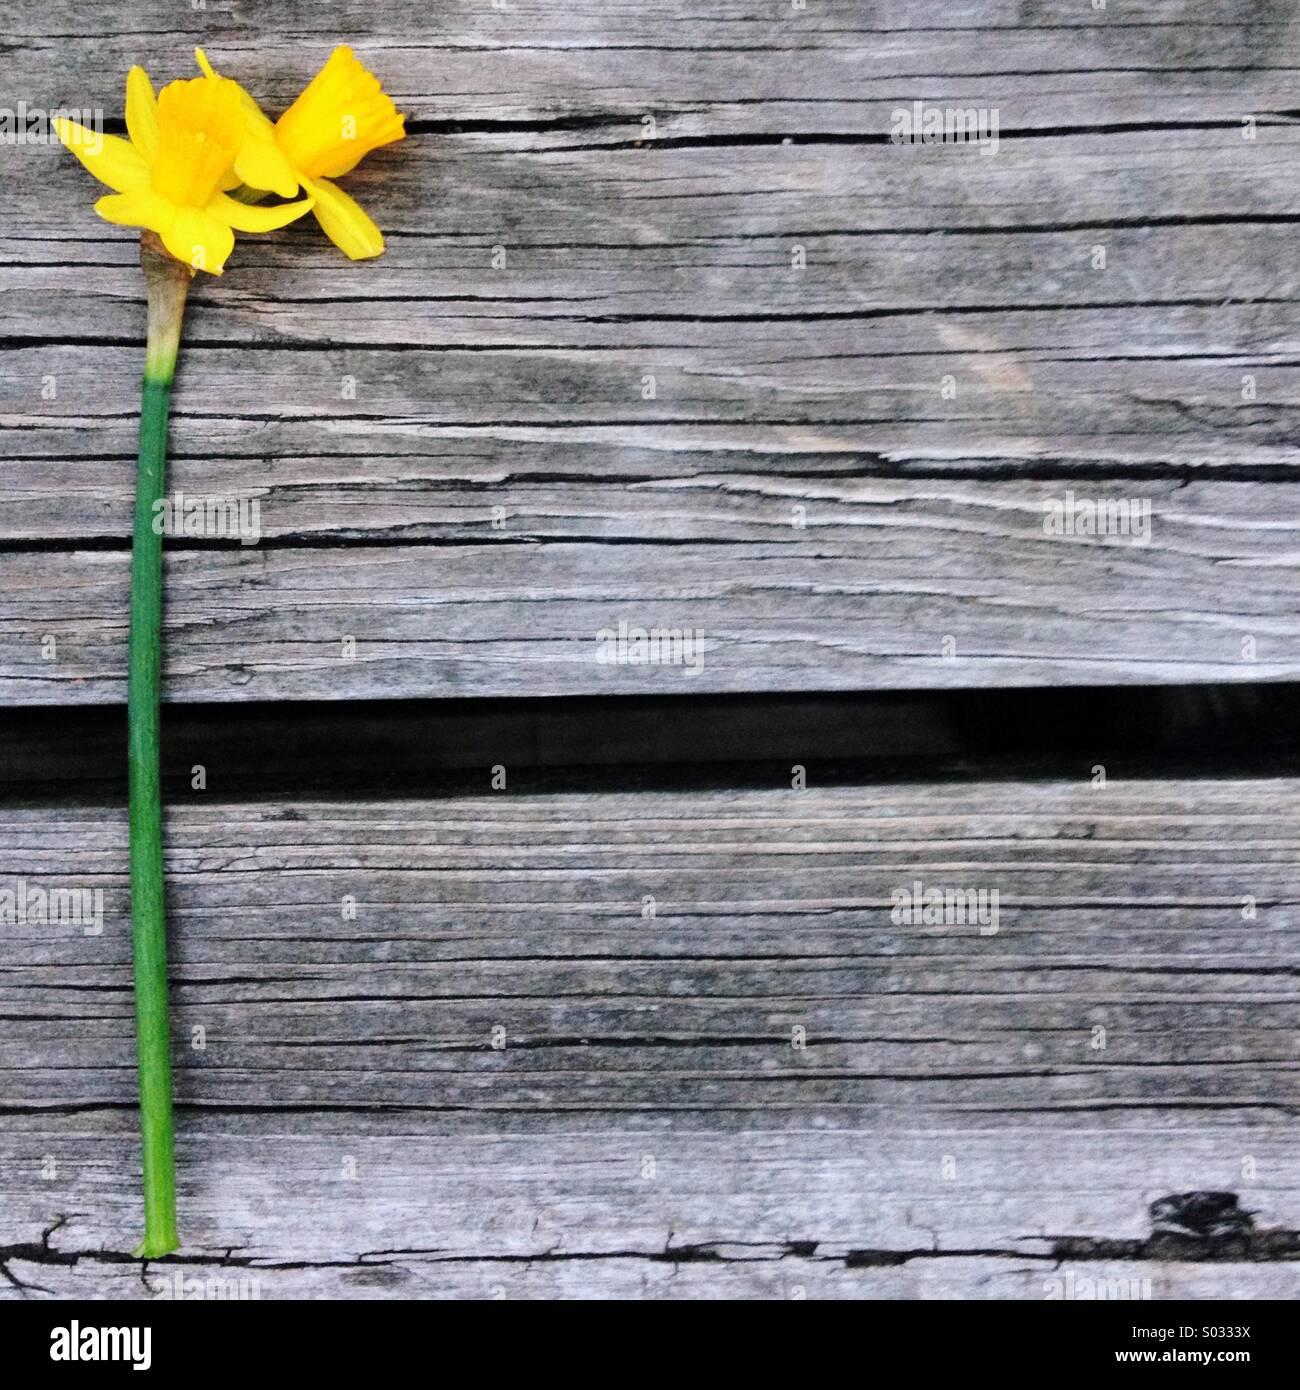 Une Jonquille double tête repose sur un fond de bois Photo Stock